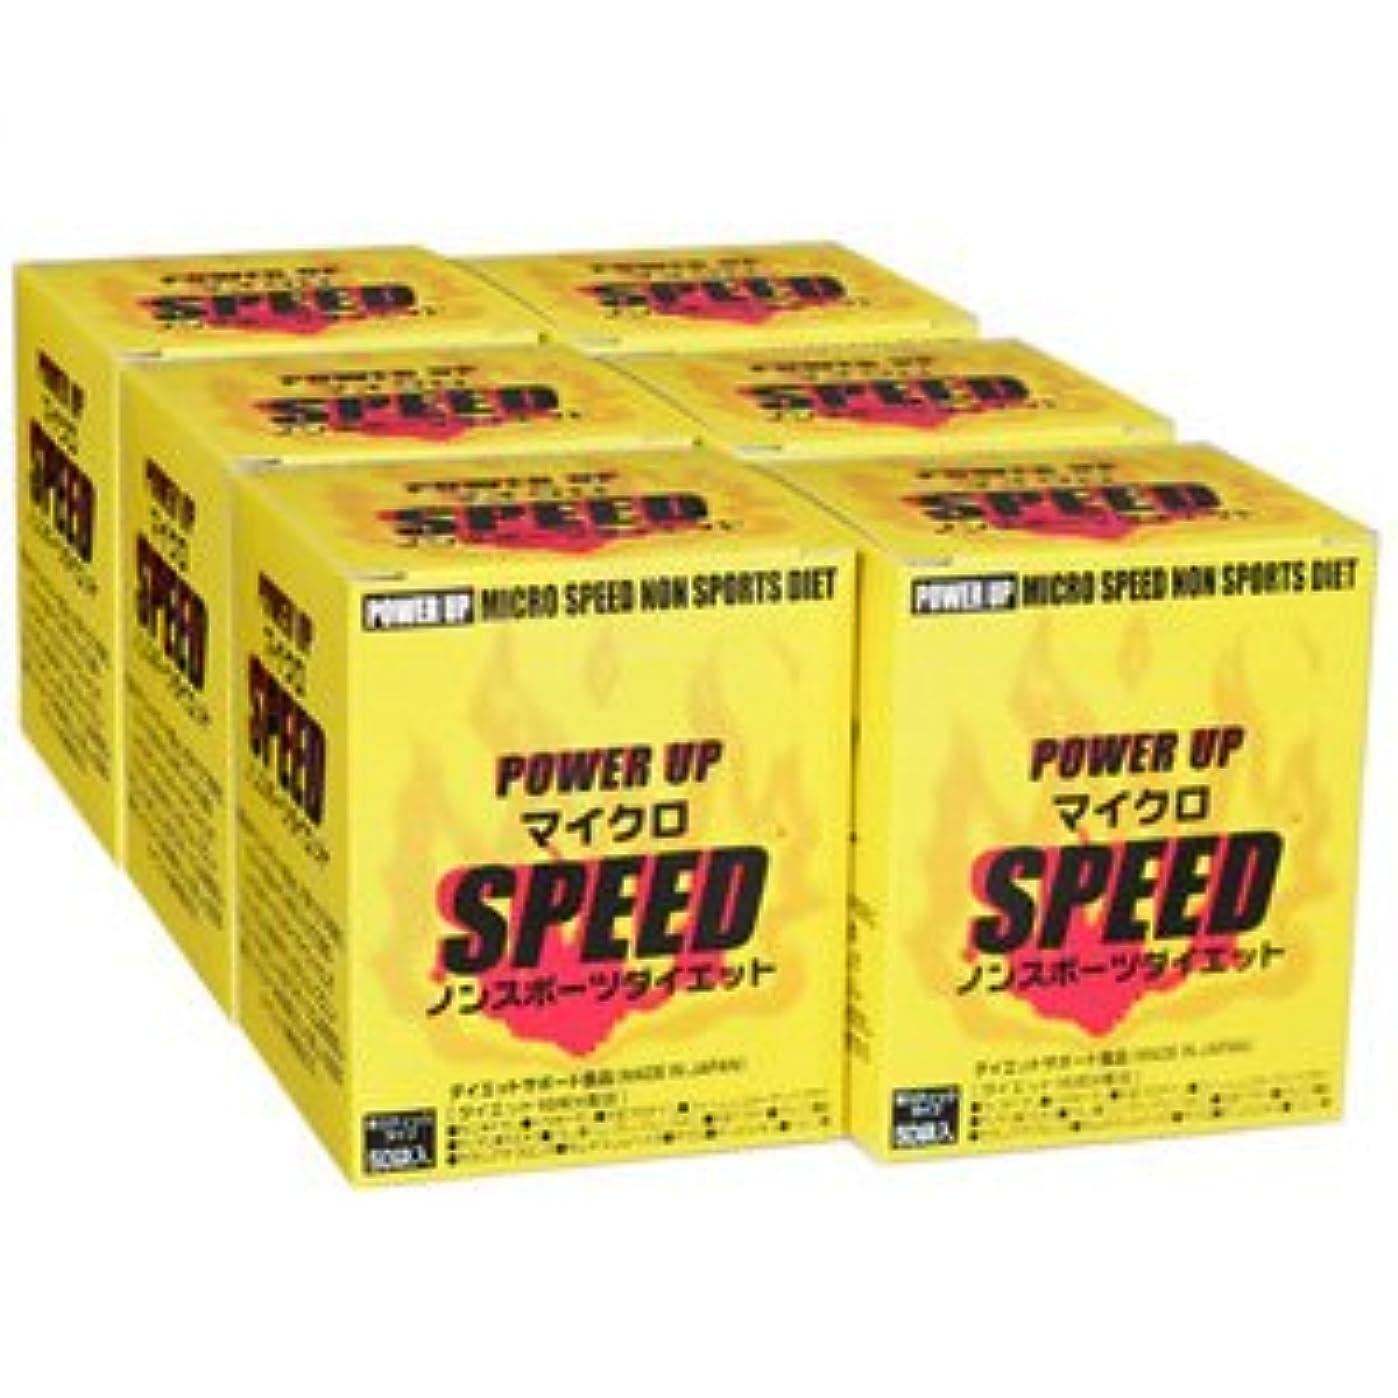 拮抗差別的更新するマイクロスピードノンスポーツダイエット 6箱